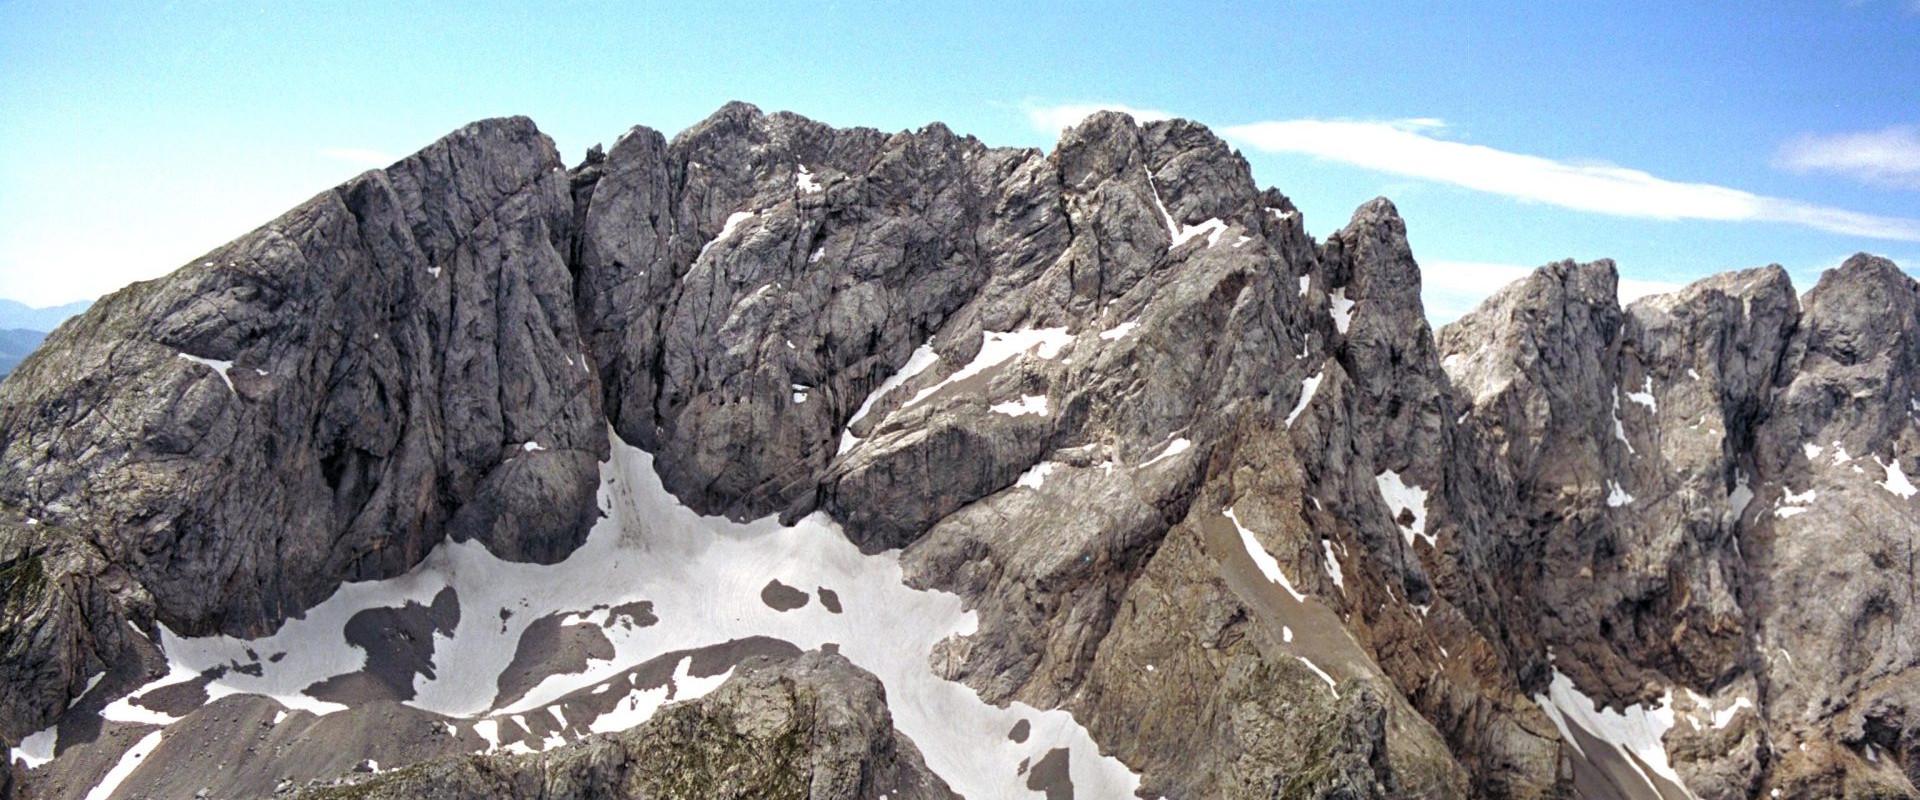 Der Eiskar-Gletscher in den Karnischen Alpen aus der Luft